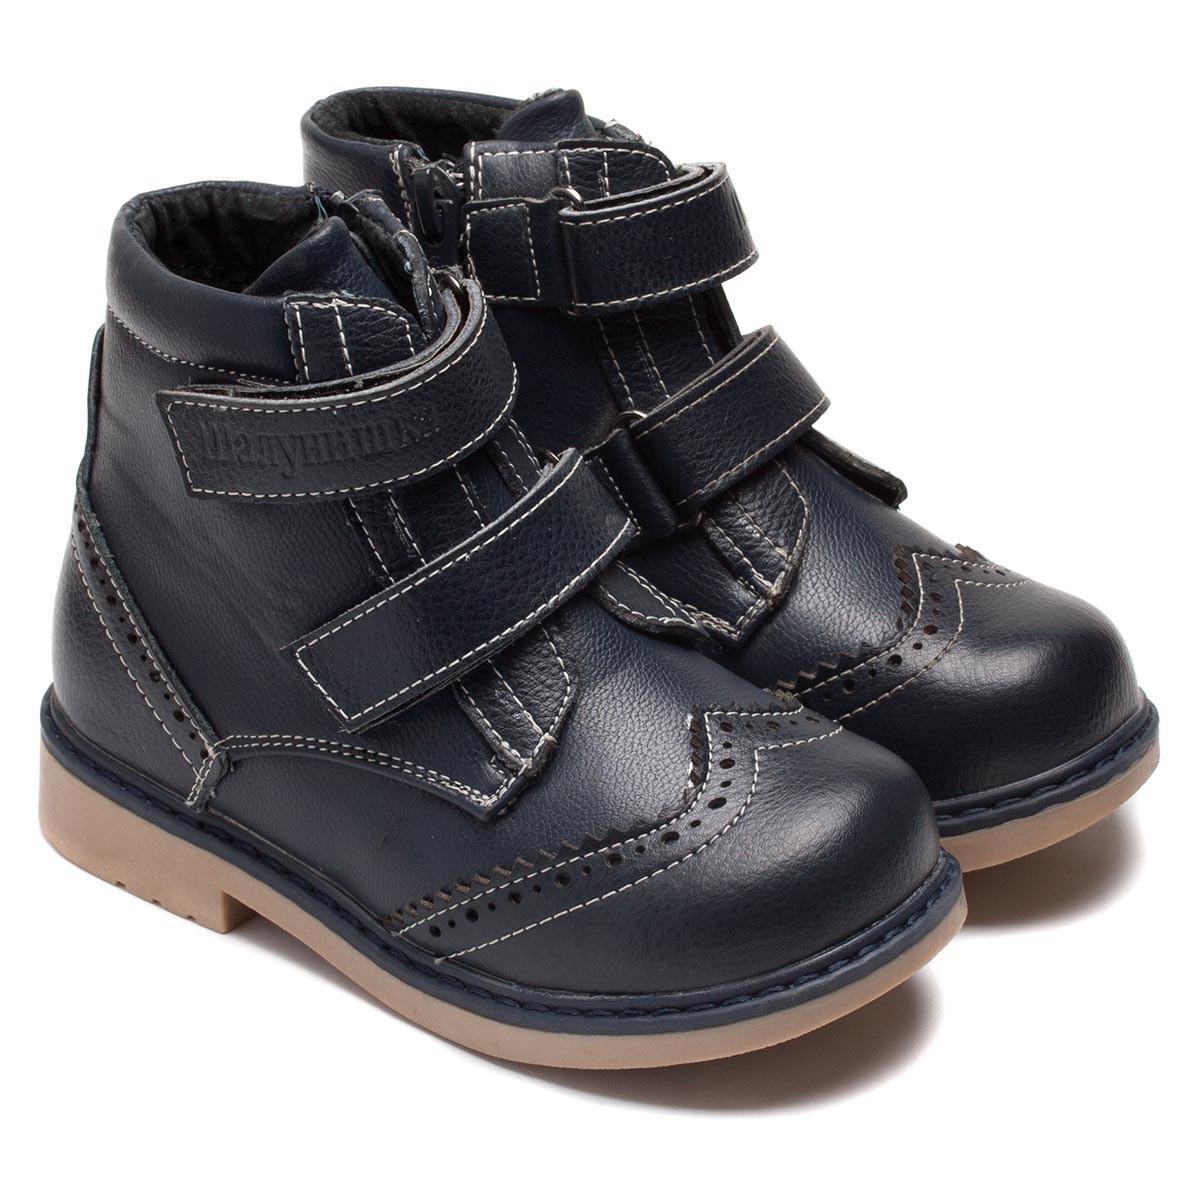 Ортопедические ботинки для мальчика с высоким берцем